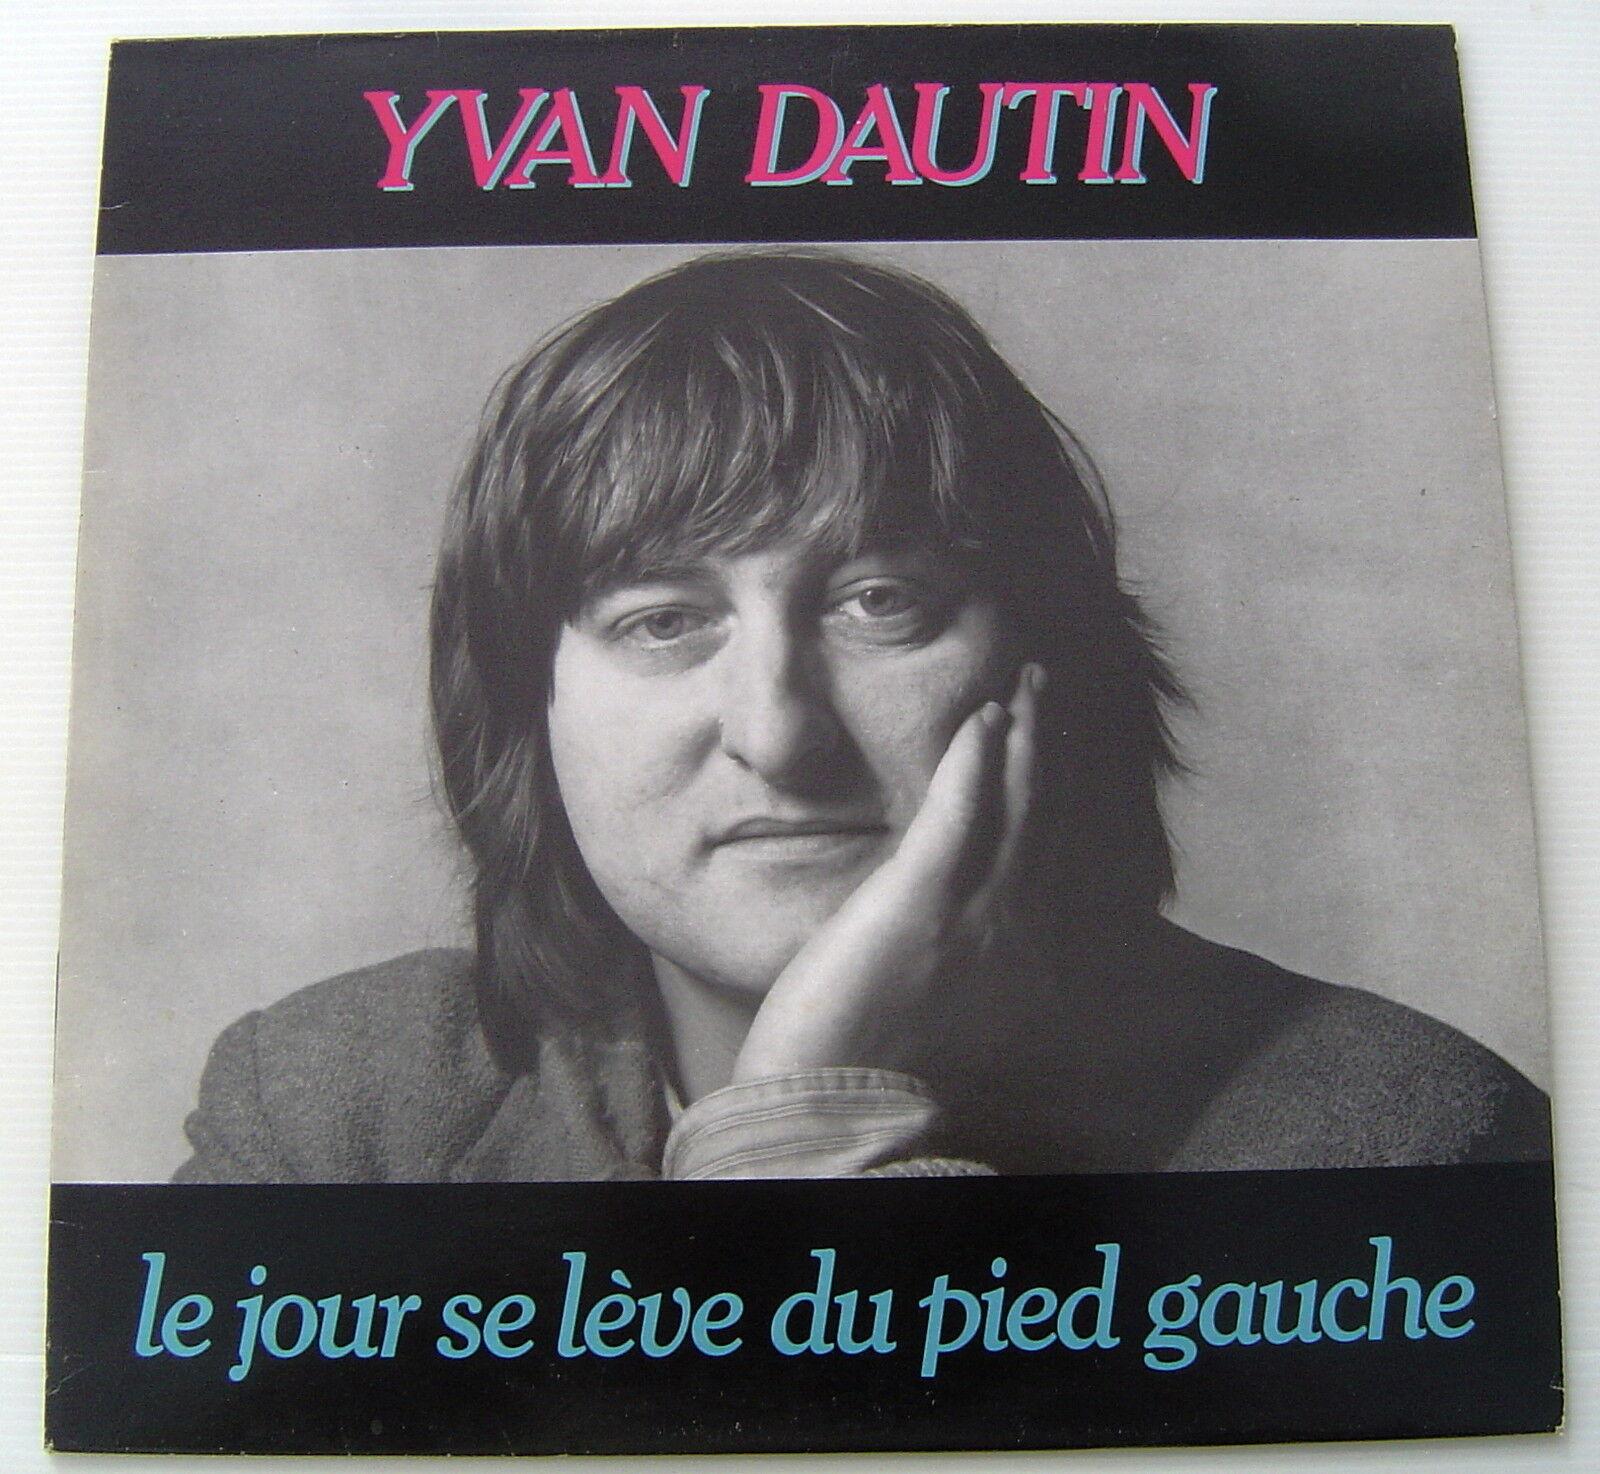 YVAN DAUTIN . LE JOUR SE LEVE DU PIED GAUCHE . LP